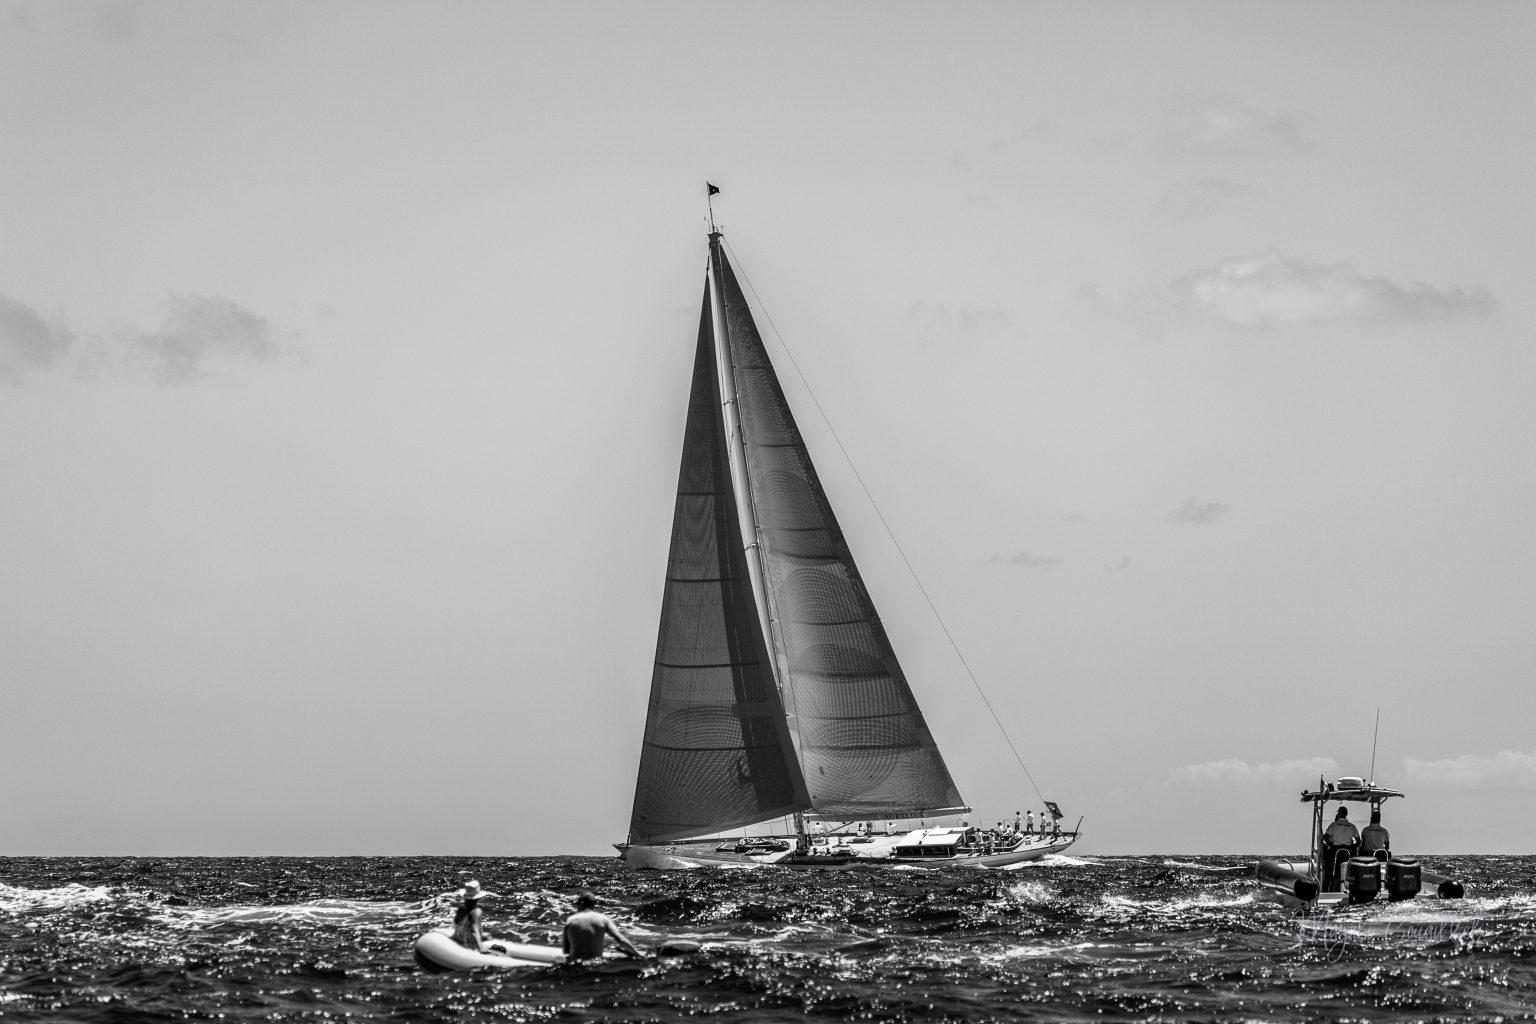 Aurelius Yacht, Bucket Regatta 2019 St Barths